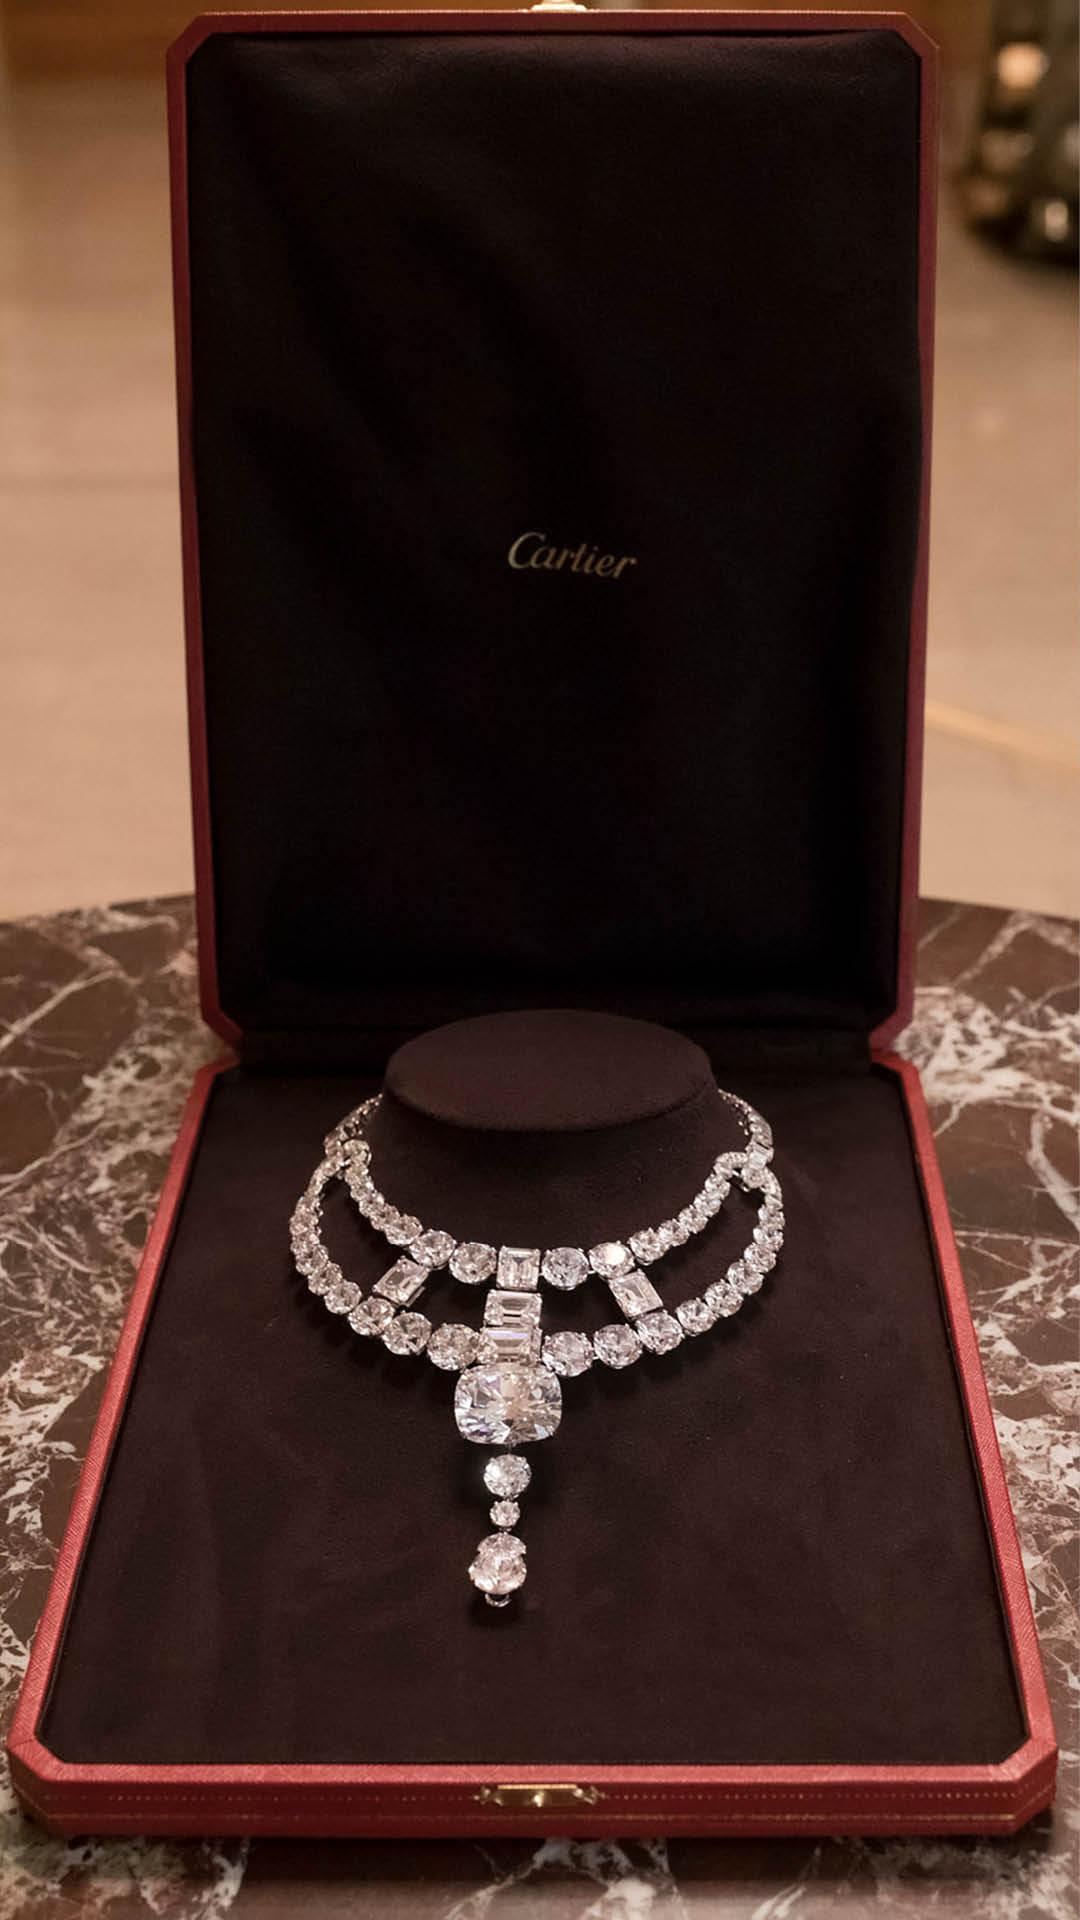 Cartier-Toussaint-Necklace-Replica